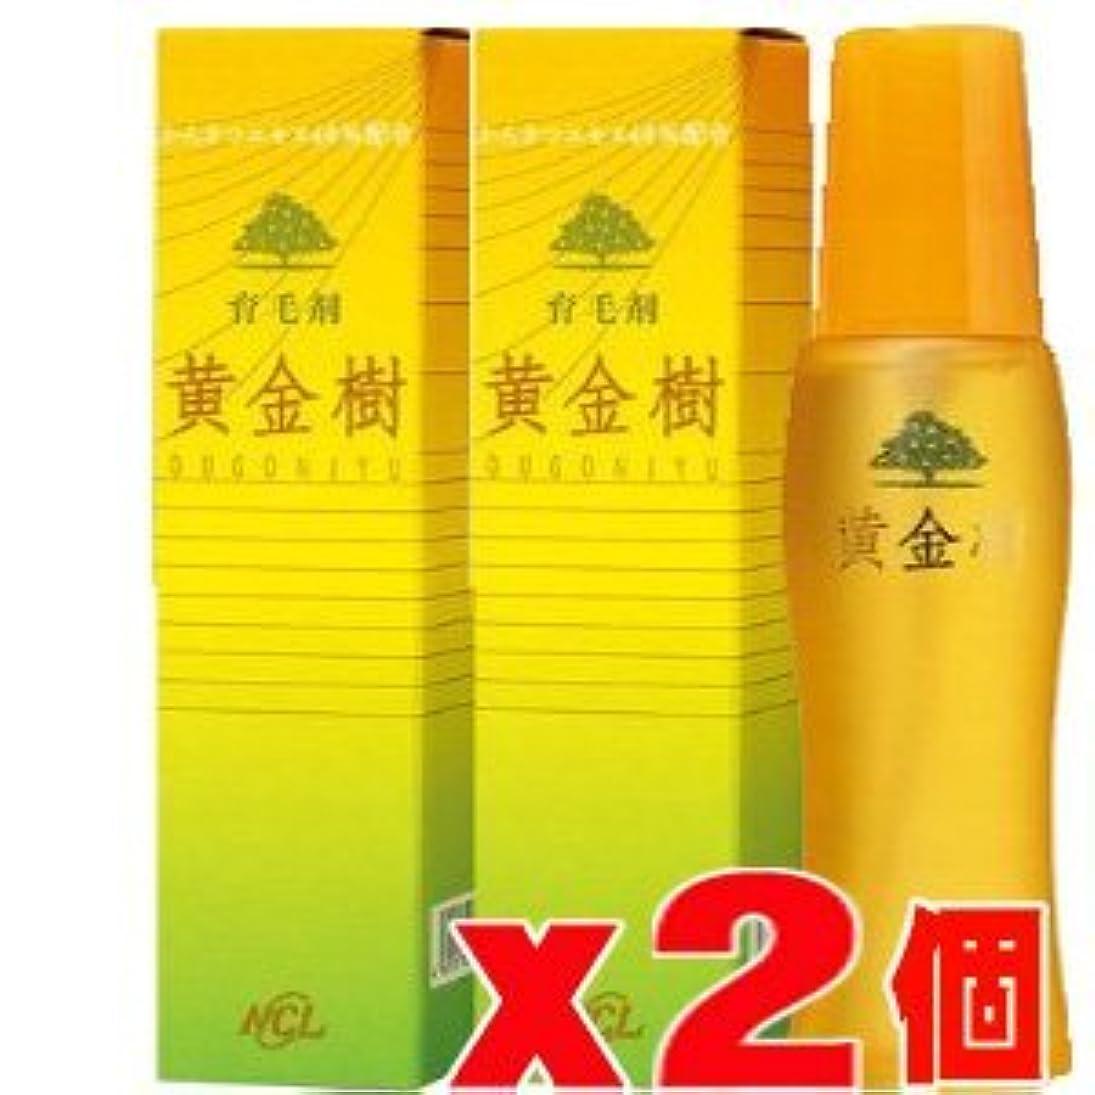 風味乳国籍【2個】 黄金樹 120mLx2個 (4560436711117)